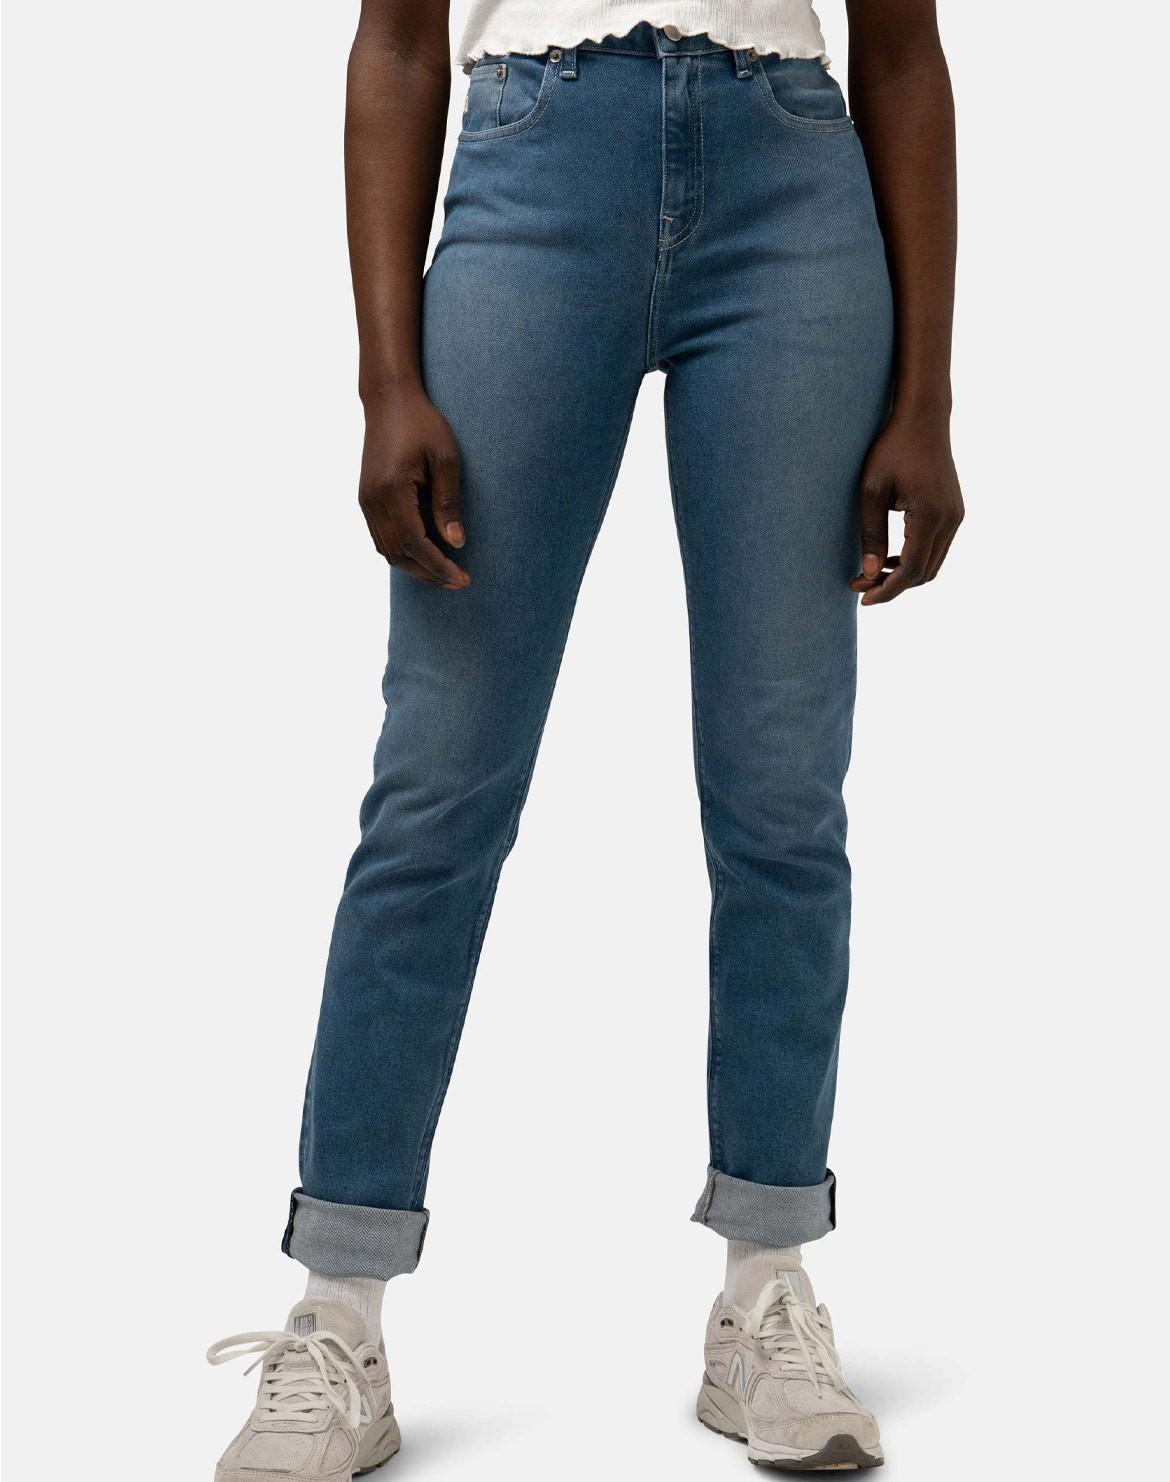 Stretch Mimi Jeans